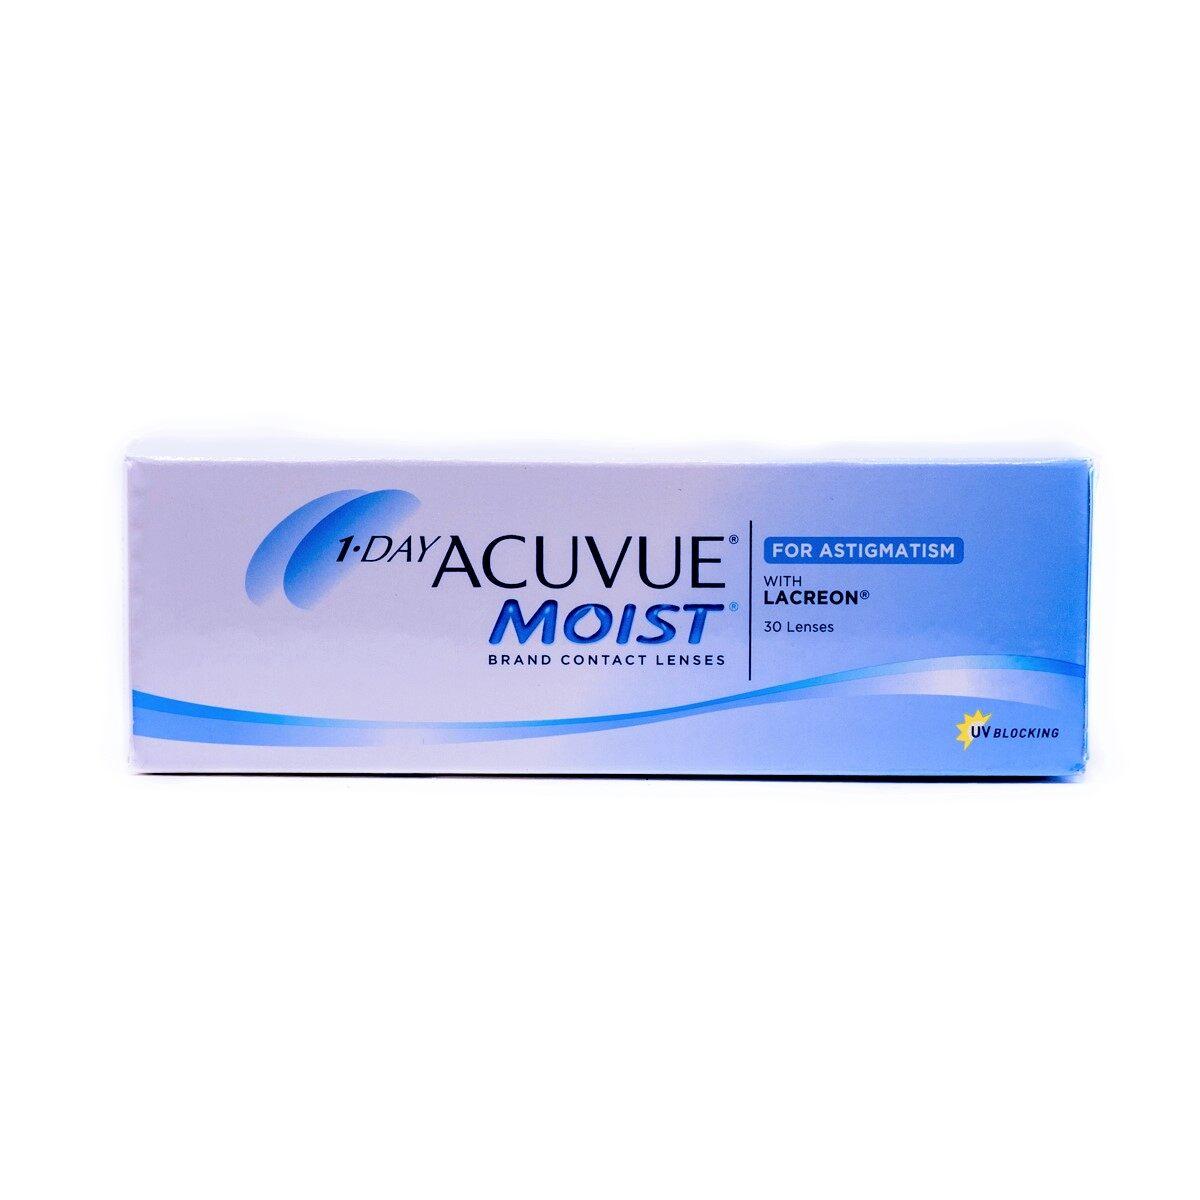 Acuvue Moist 1 Day (สายตาเอียง).